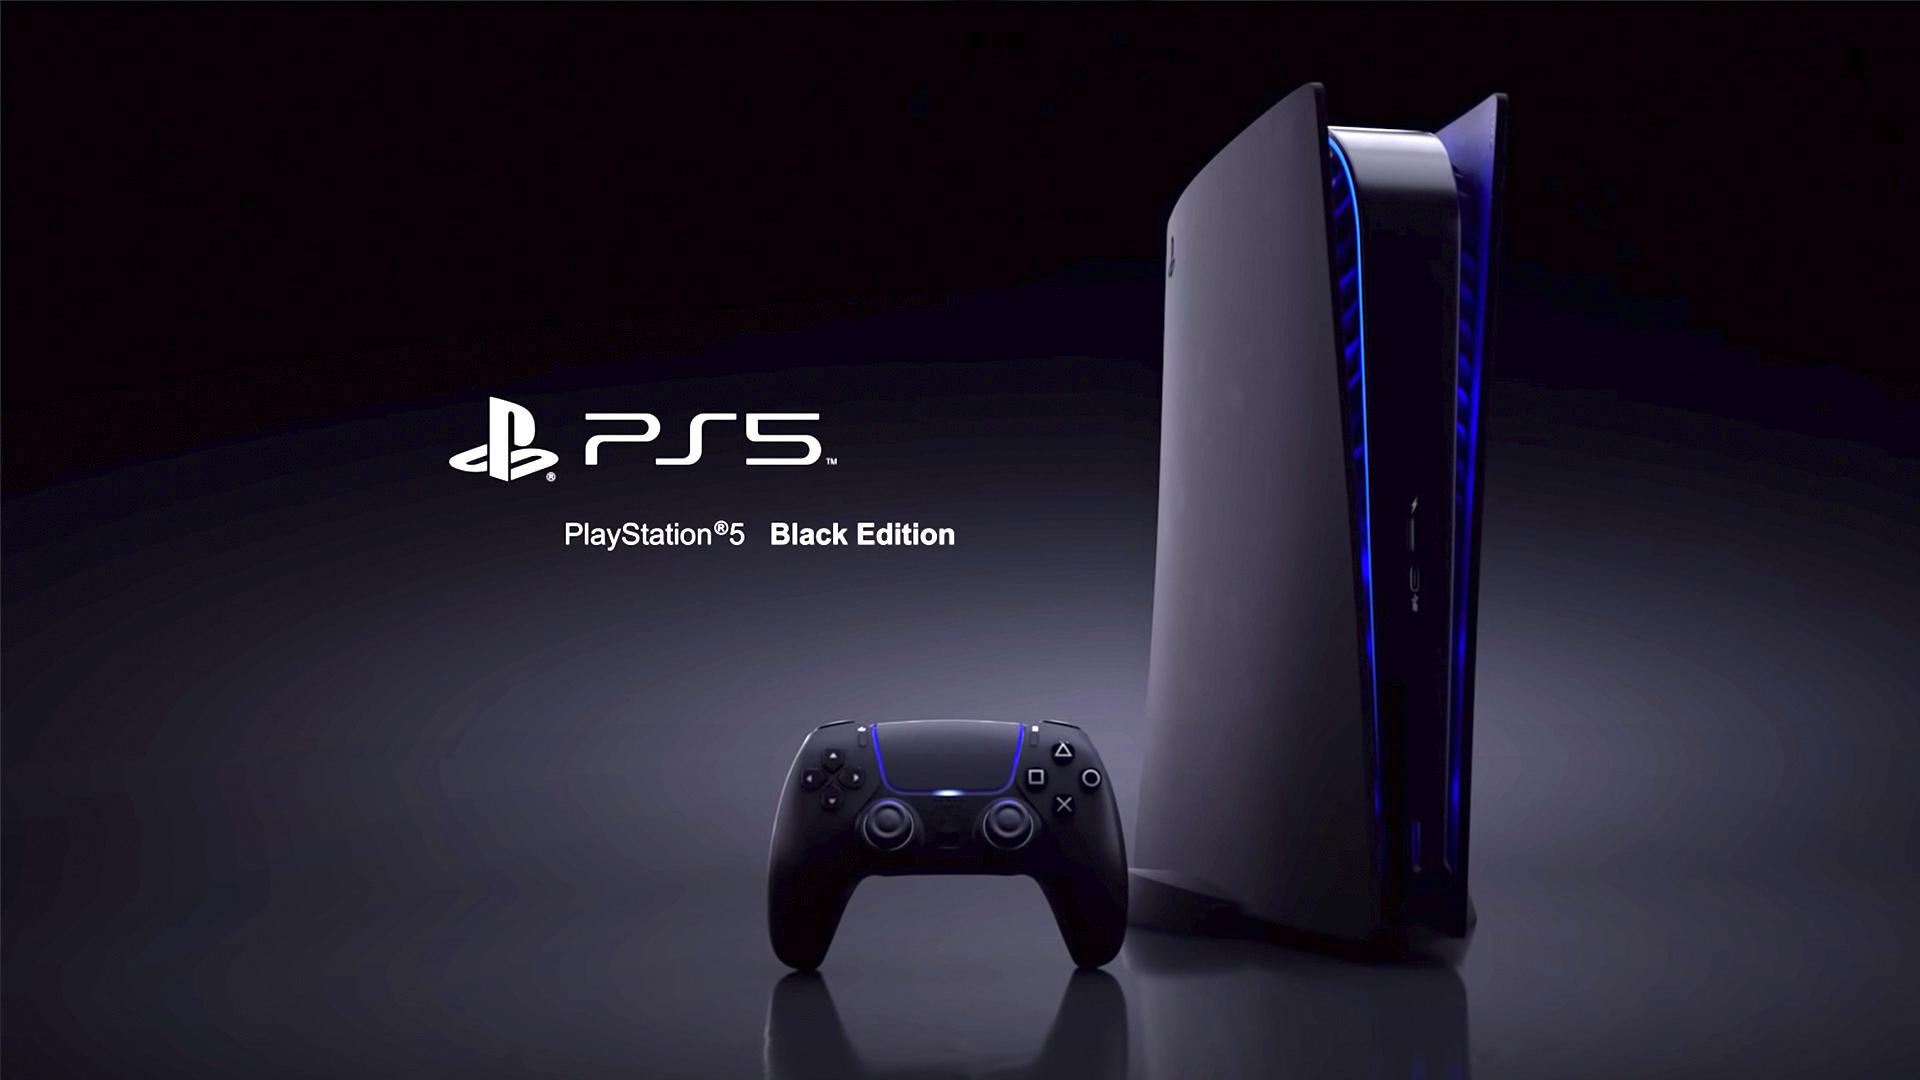 Видеокарта на Sony PlayStation 5 будет медленнее моделей от Radeon и GeForce